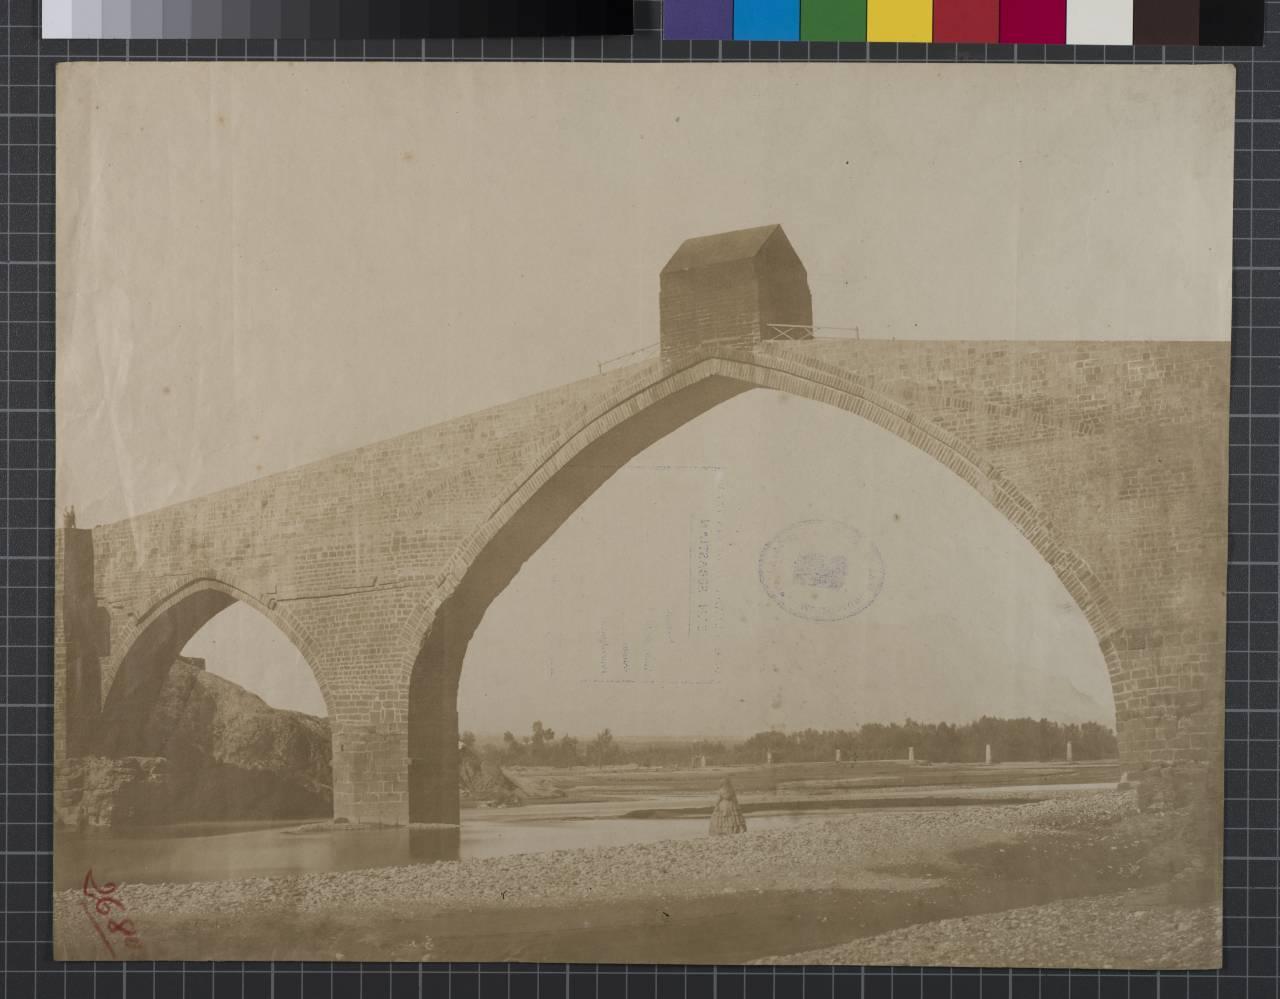 Puente del Diablo en la localidad de Martorell